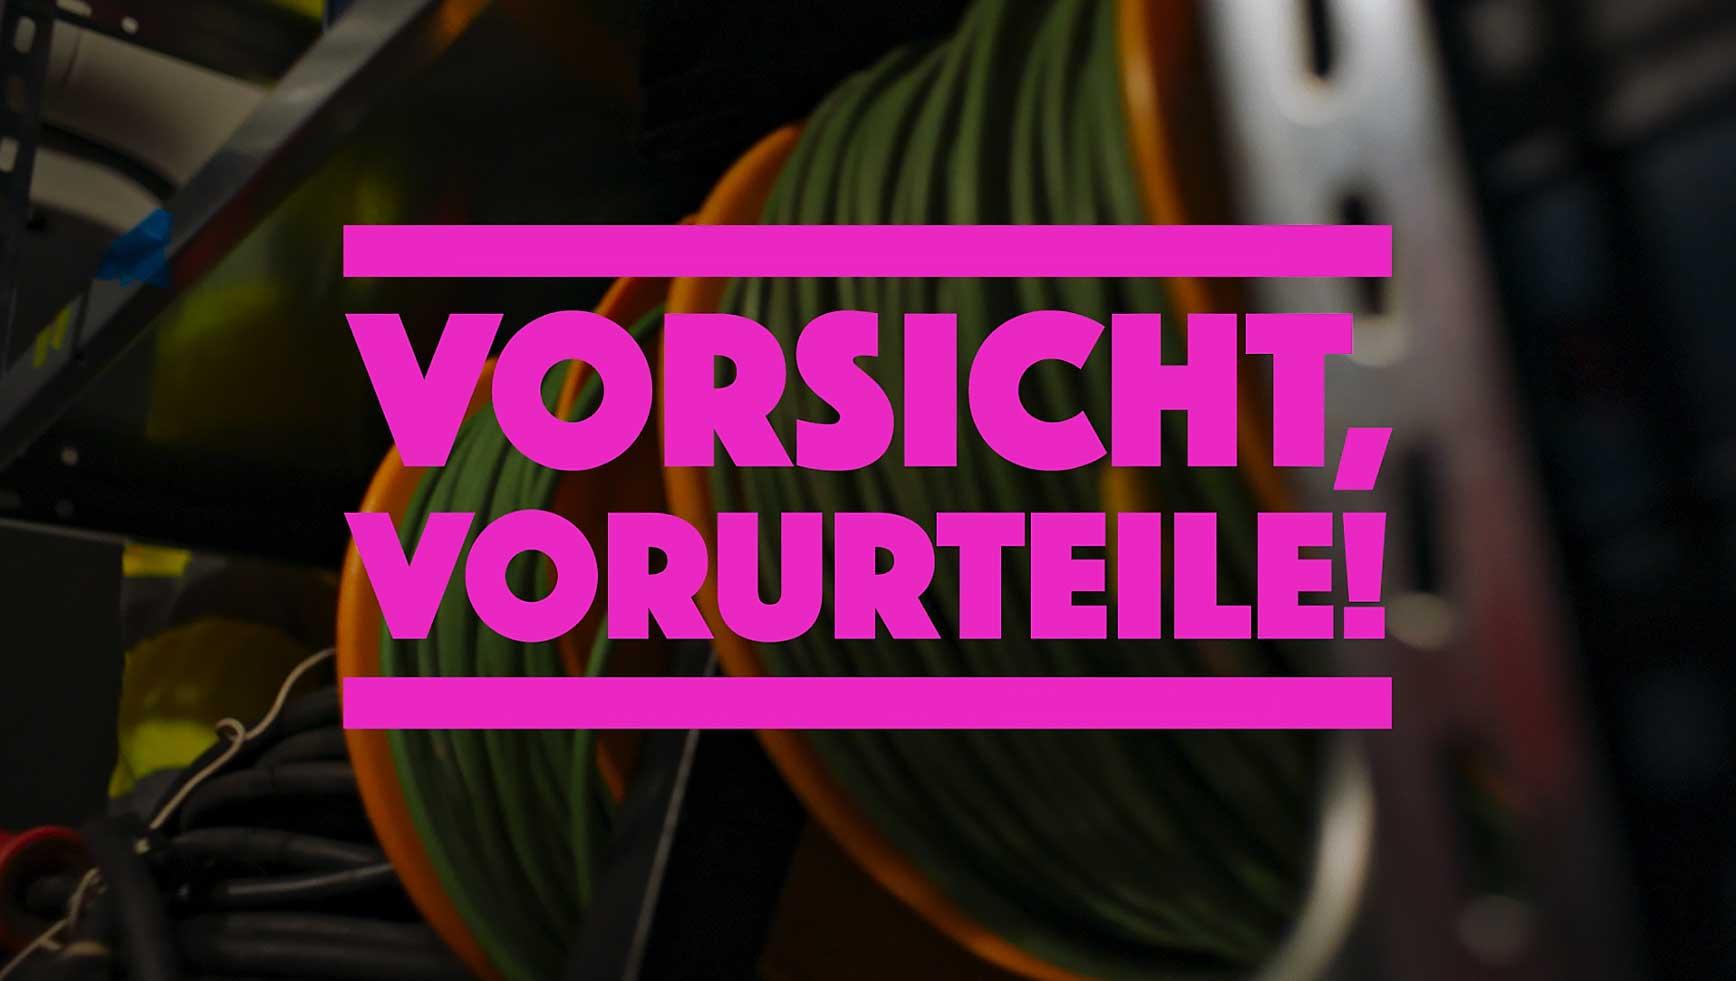 Youtube Vorschau - Video ID kSINQvD2h20